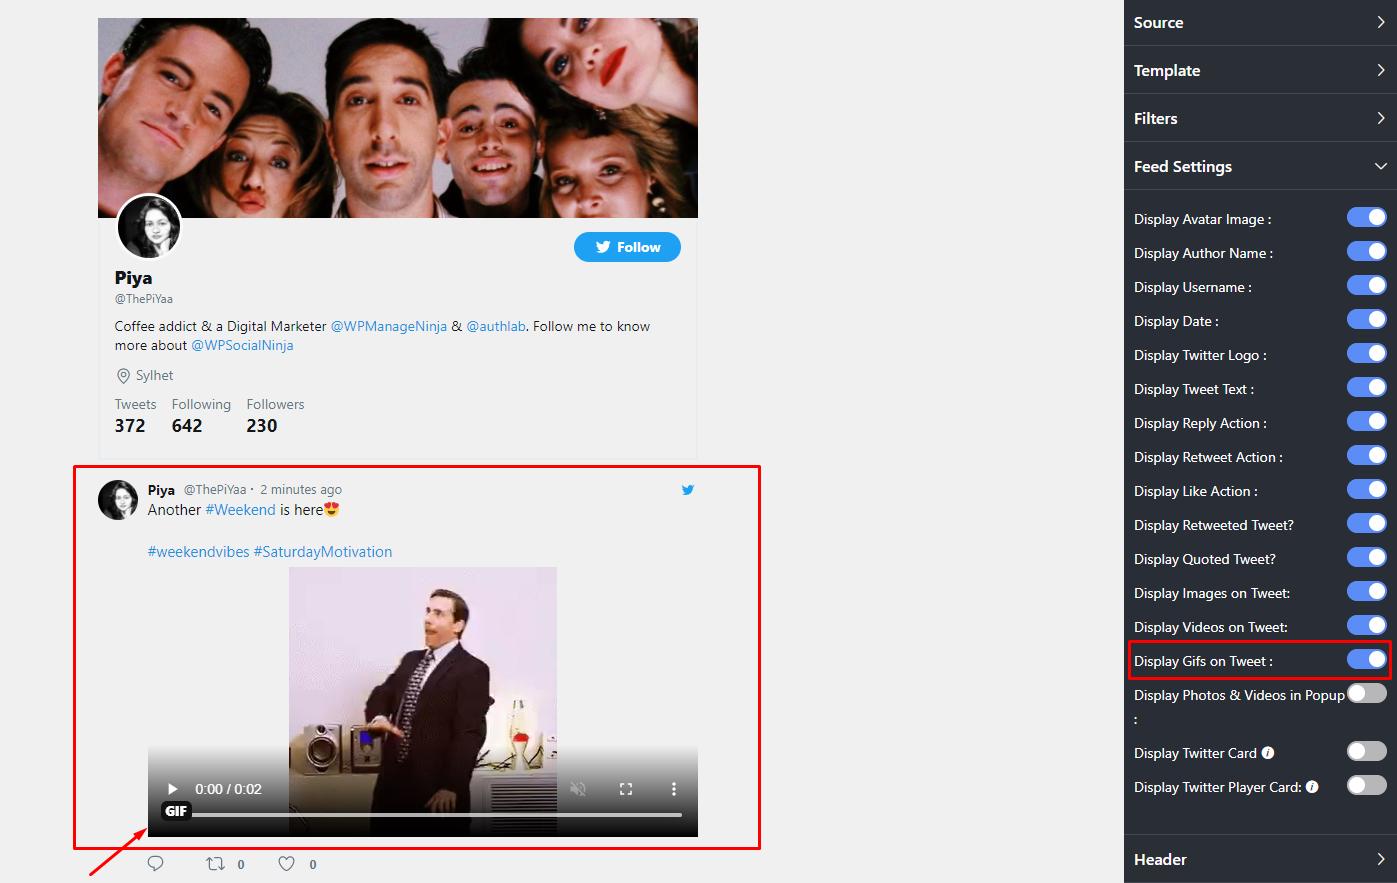 Display GIFs on Tweet